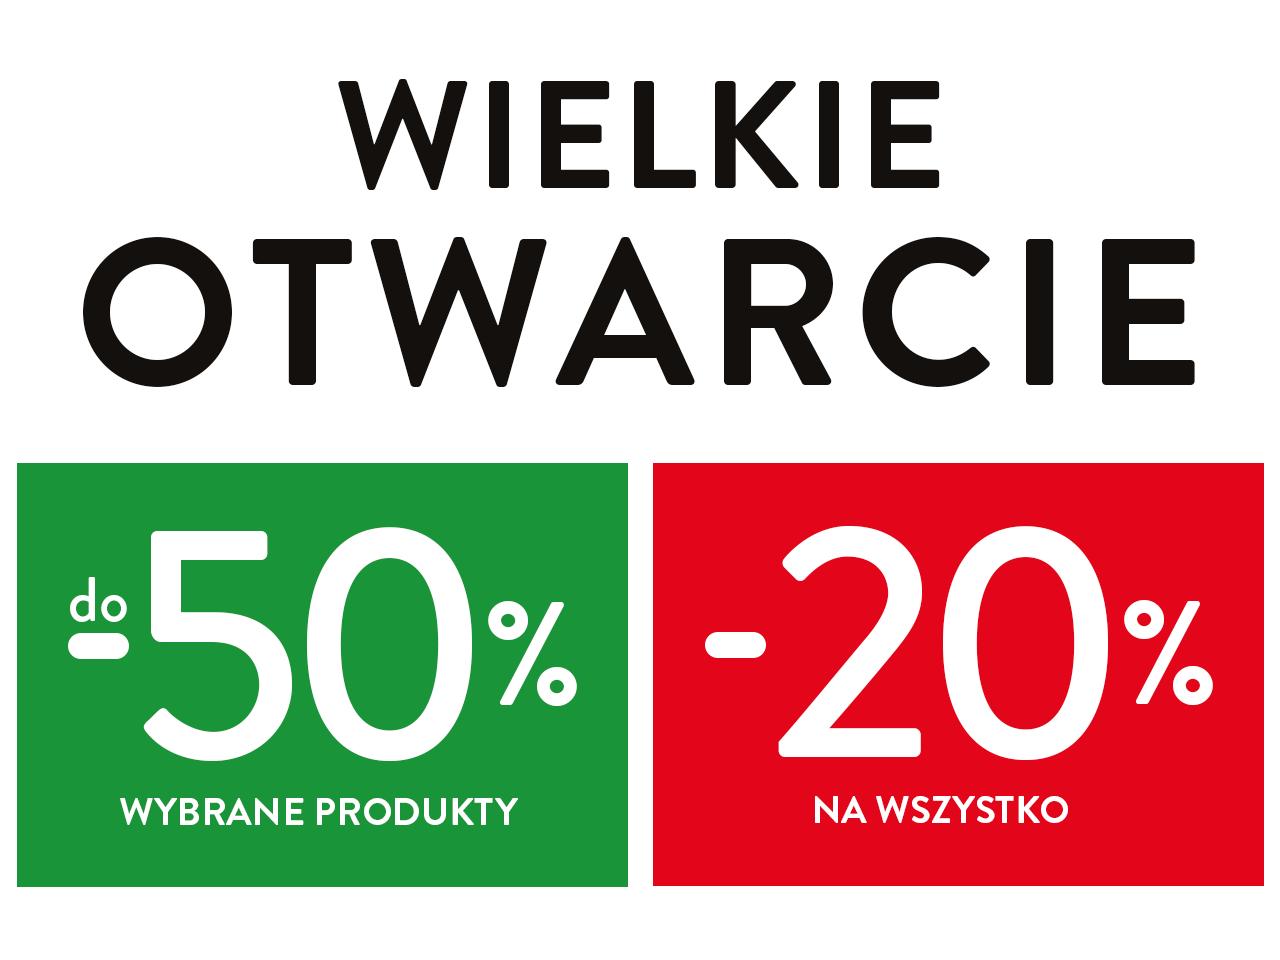 Wszystko -20% i -50% na wybrane produkty! Otwarcie sklepu Komfort w Chrzanowie